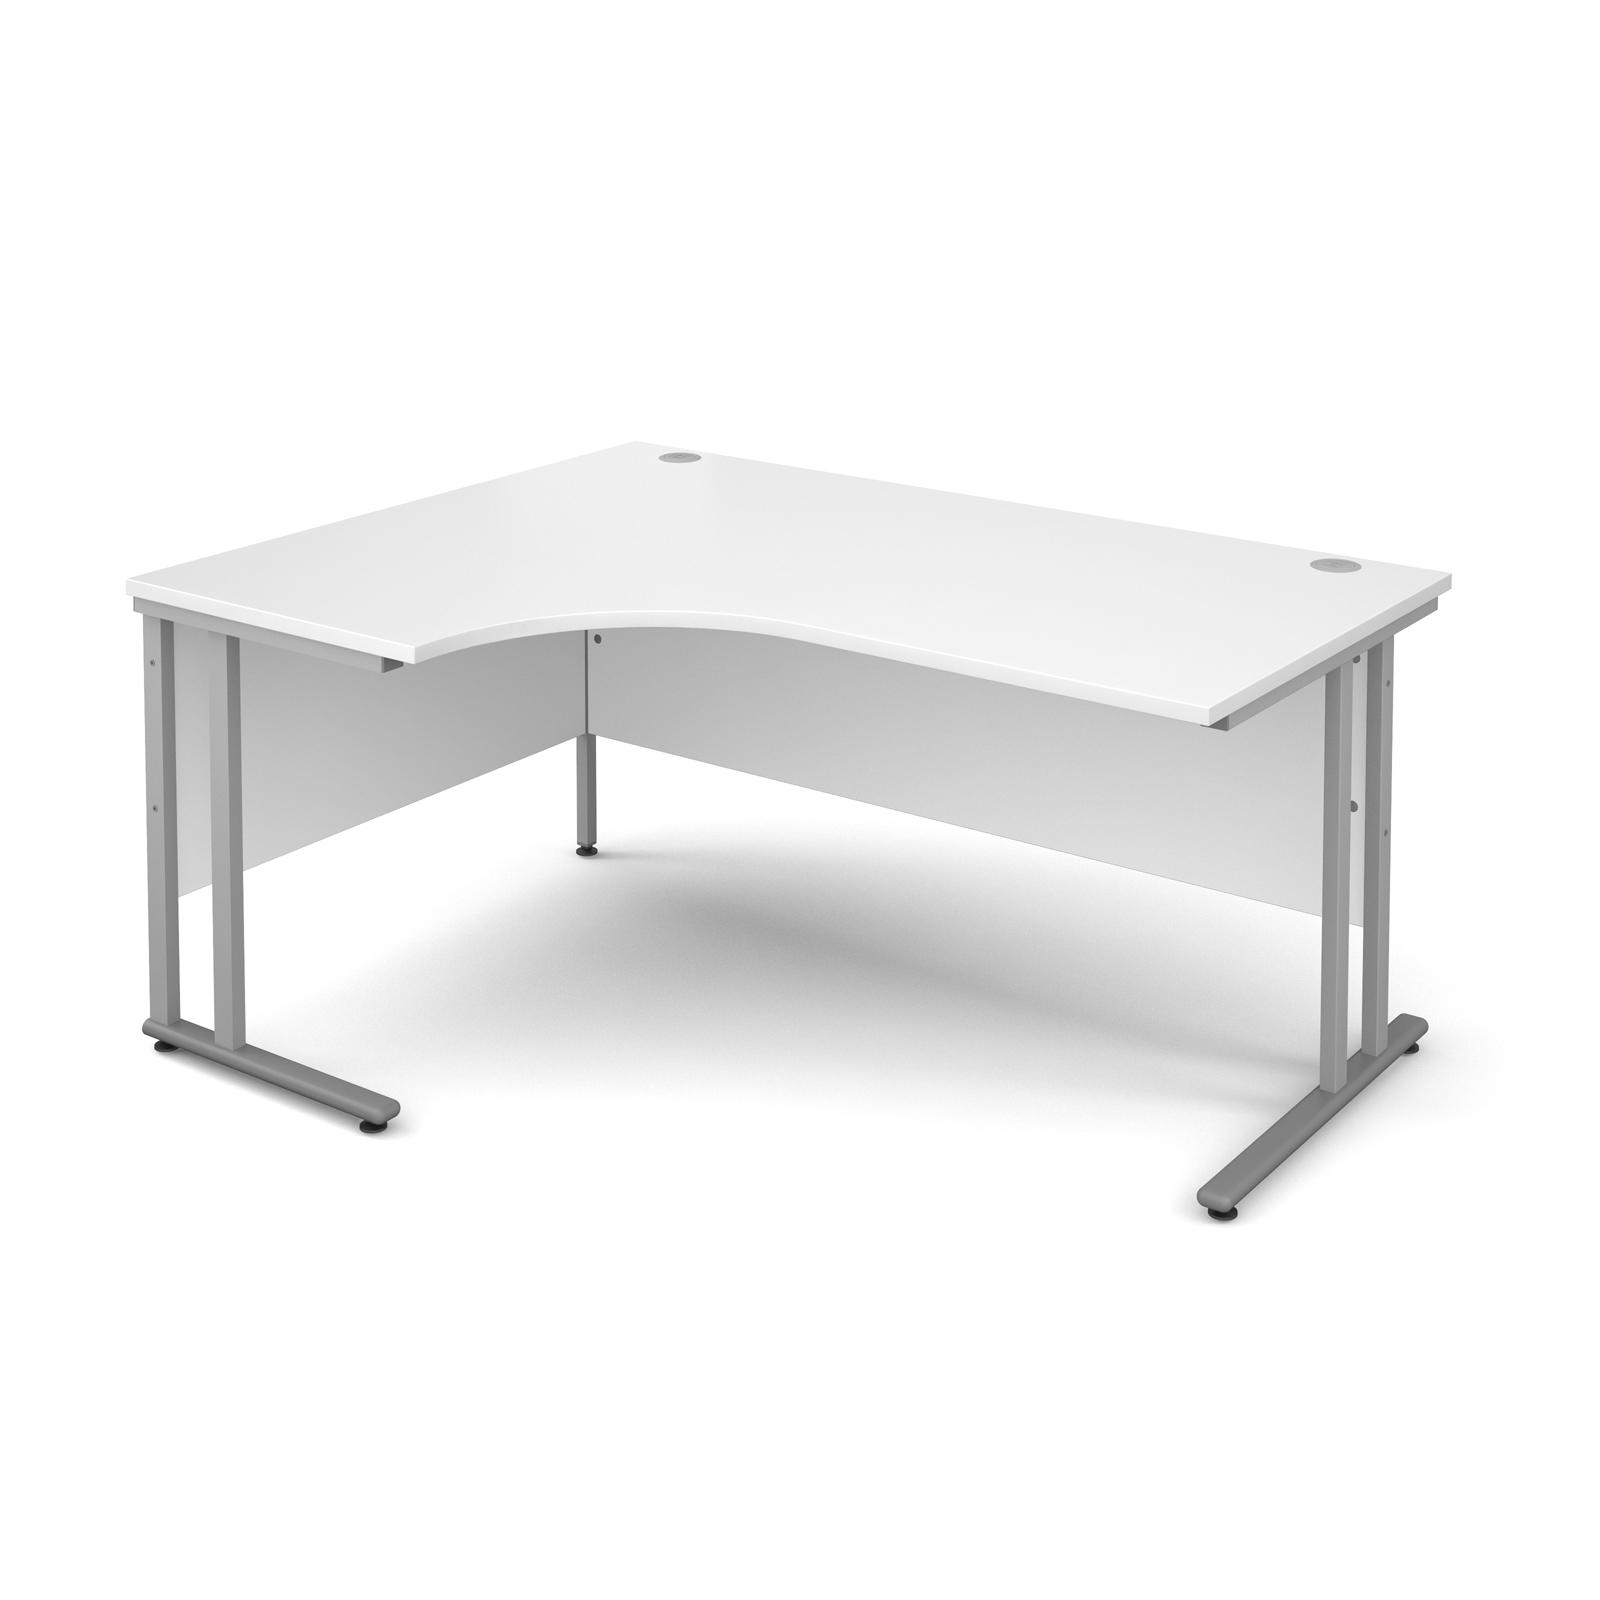 Maestro 25 Sl Left Hand Ergonomic Desk 1600mm - Silver Cantilever Frame, White Top